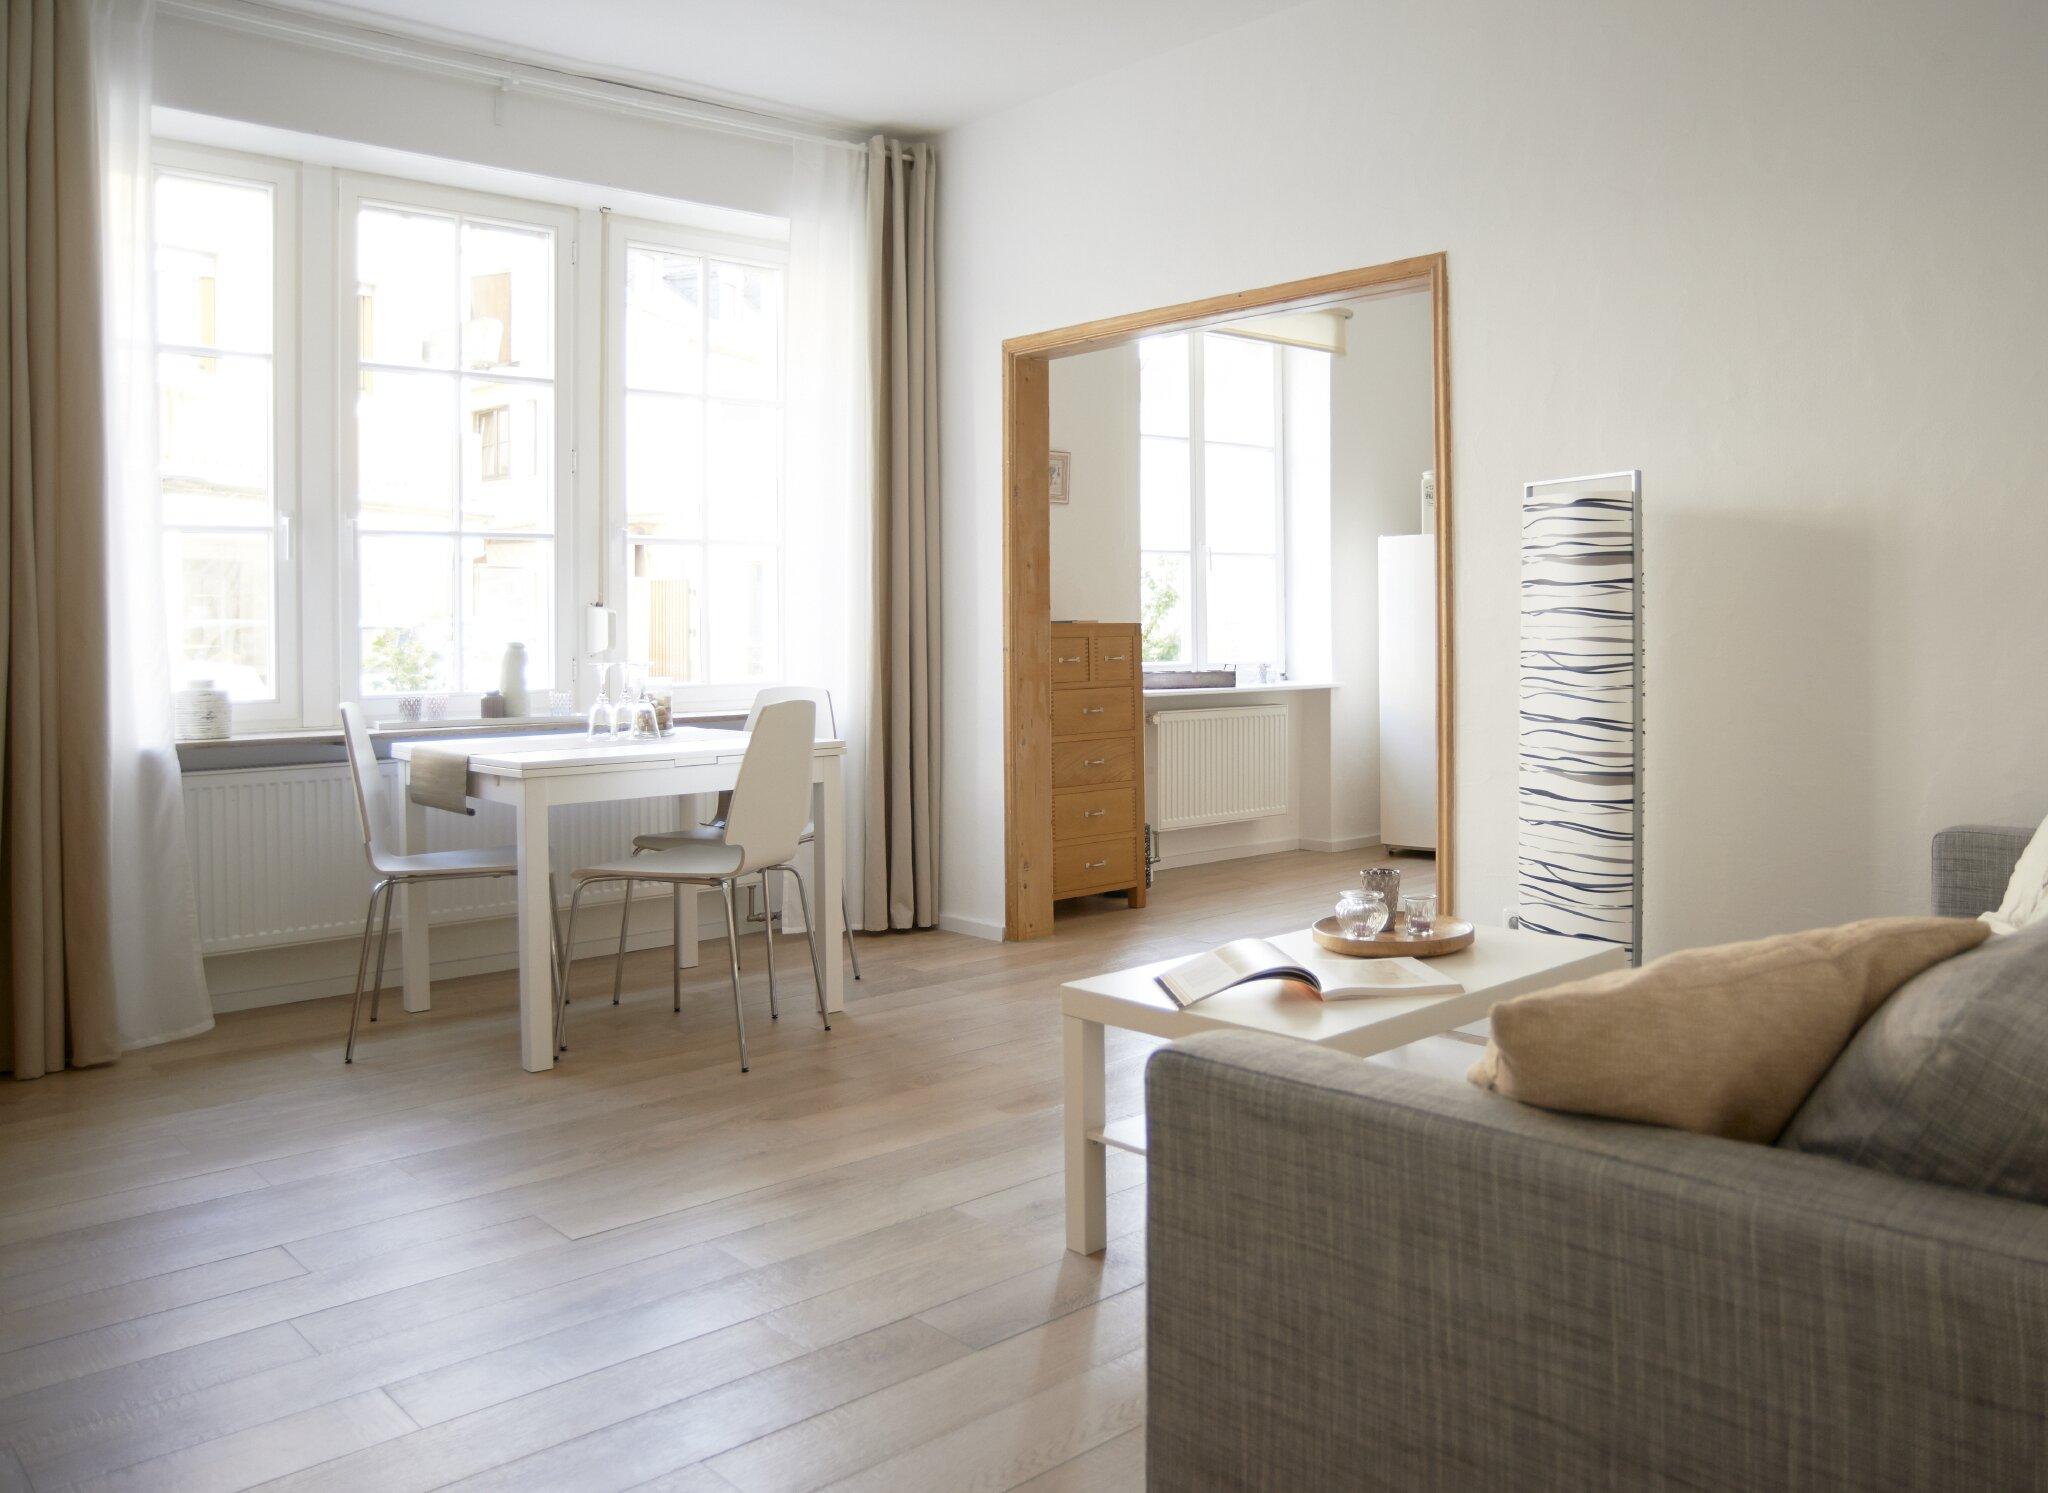 ferienwohnung maarberry in trier rheinland pfalz norbert ruschel. Black Bedroom Furniture Sets. Home Design Ideas